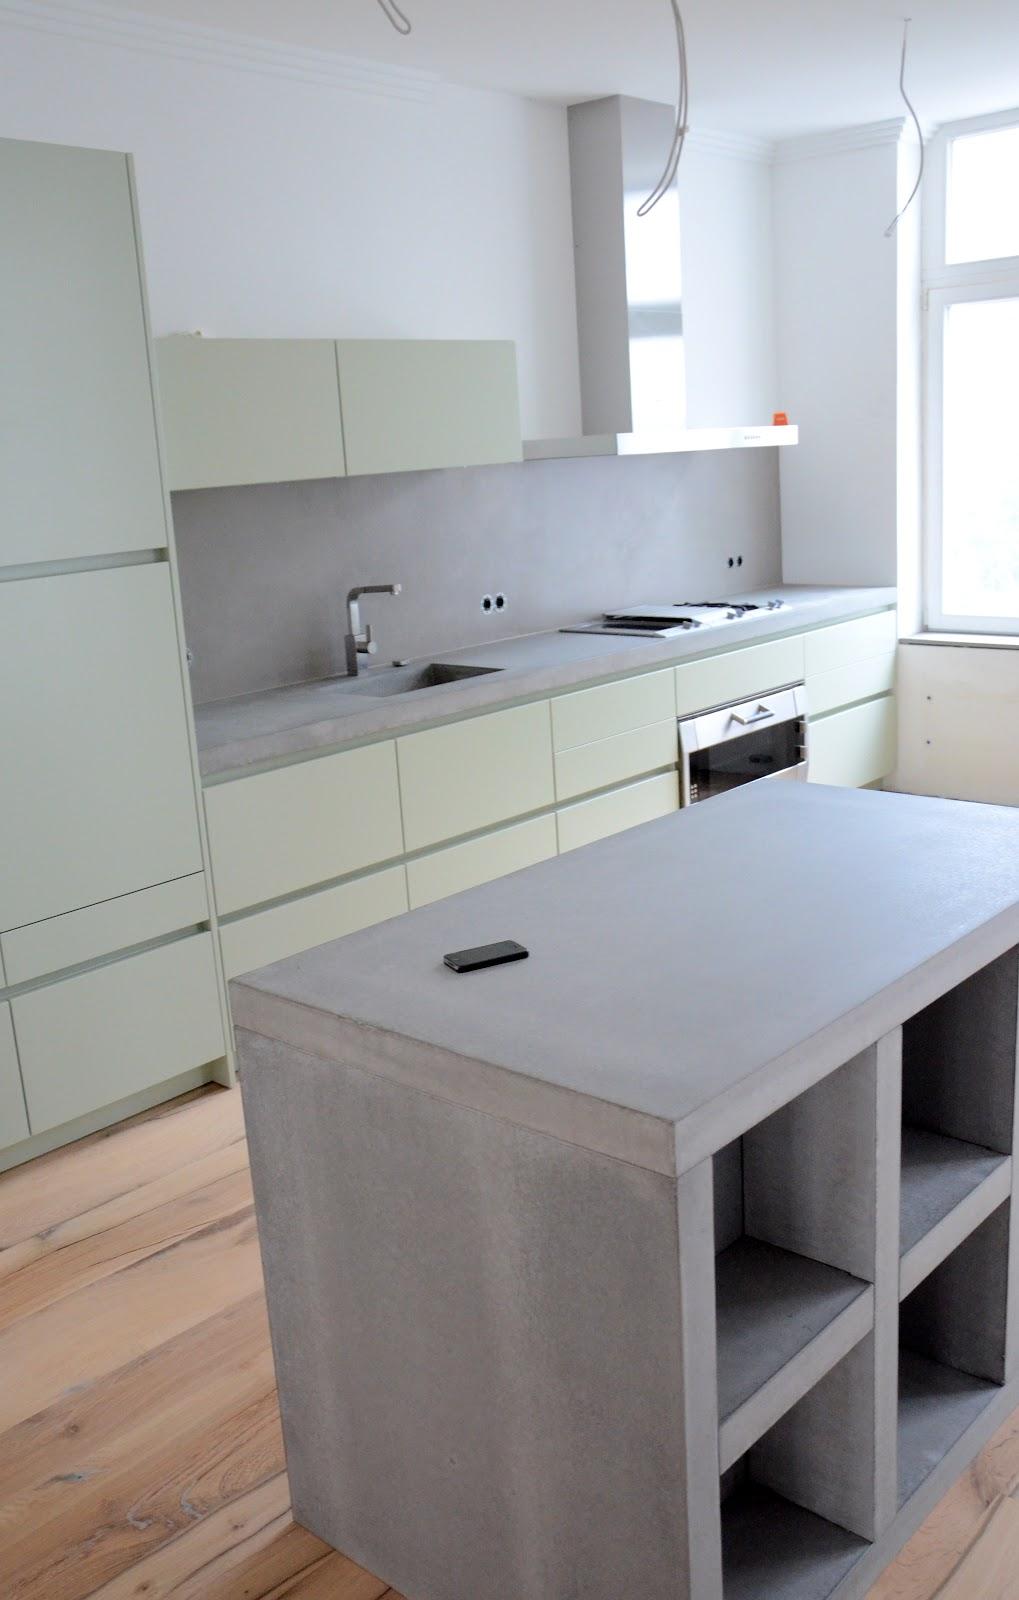 beton kuche steininger designers steinkche betonkche kche k chenschr nke einzeln ohne beton. Black Bedroom Furniture Sets. Home Design Ideas